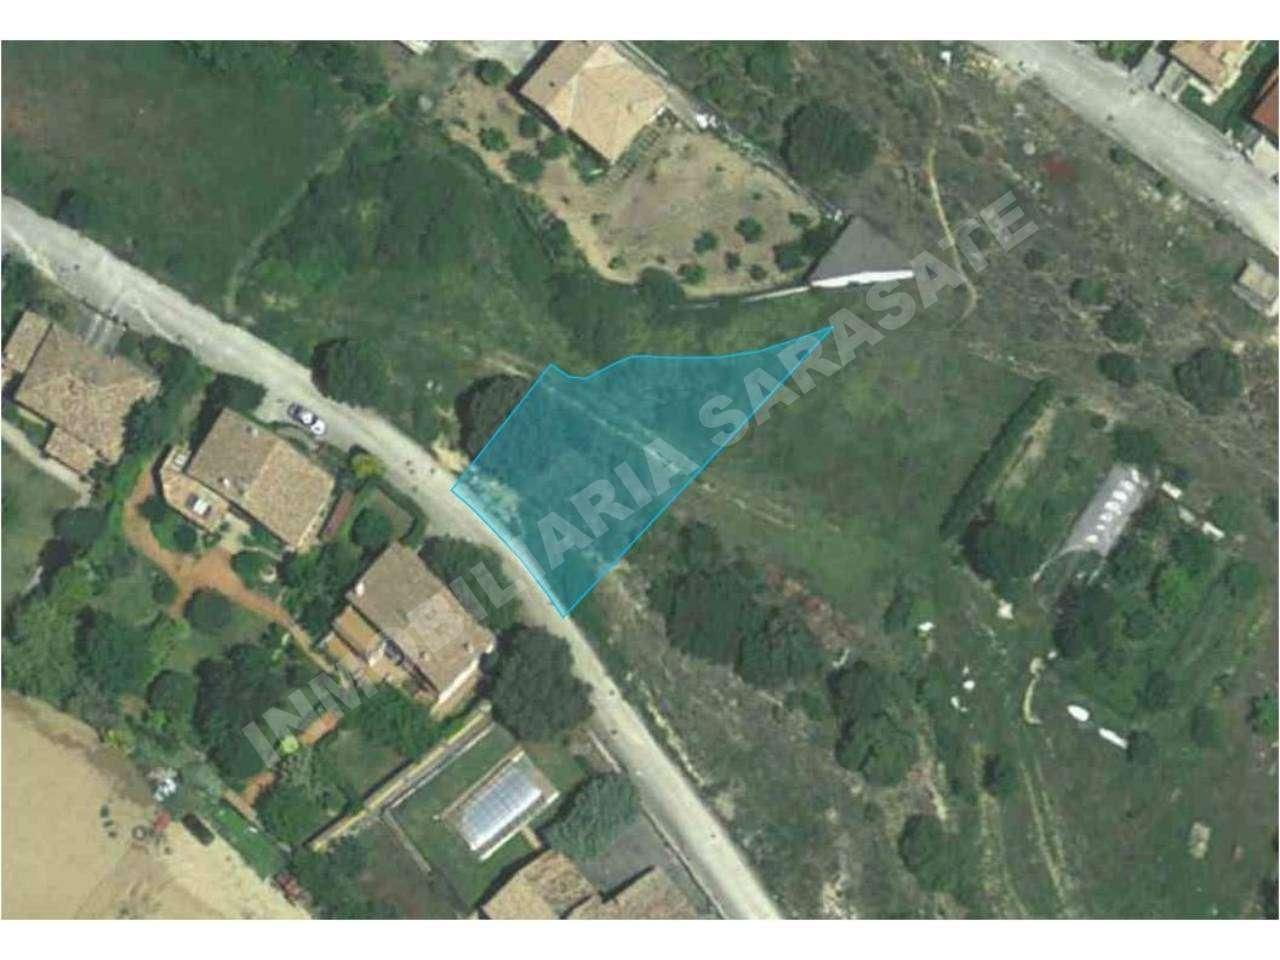 VENTA DE PARCELA EN C/ LA PORTILLADA, ALLíN – ALLIN | REF. (003425)